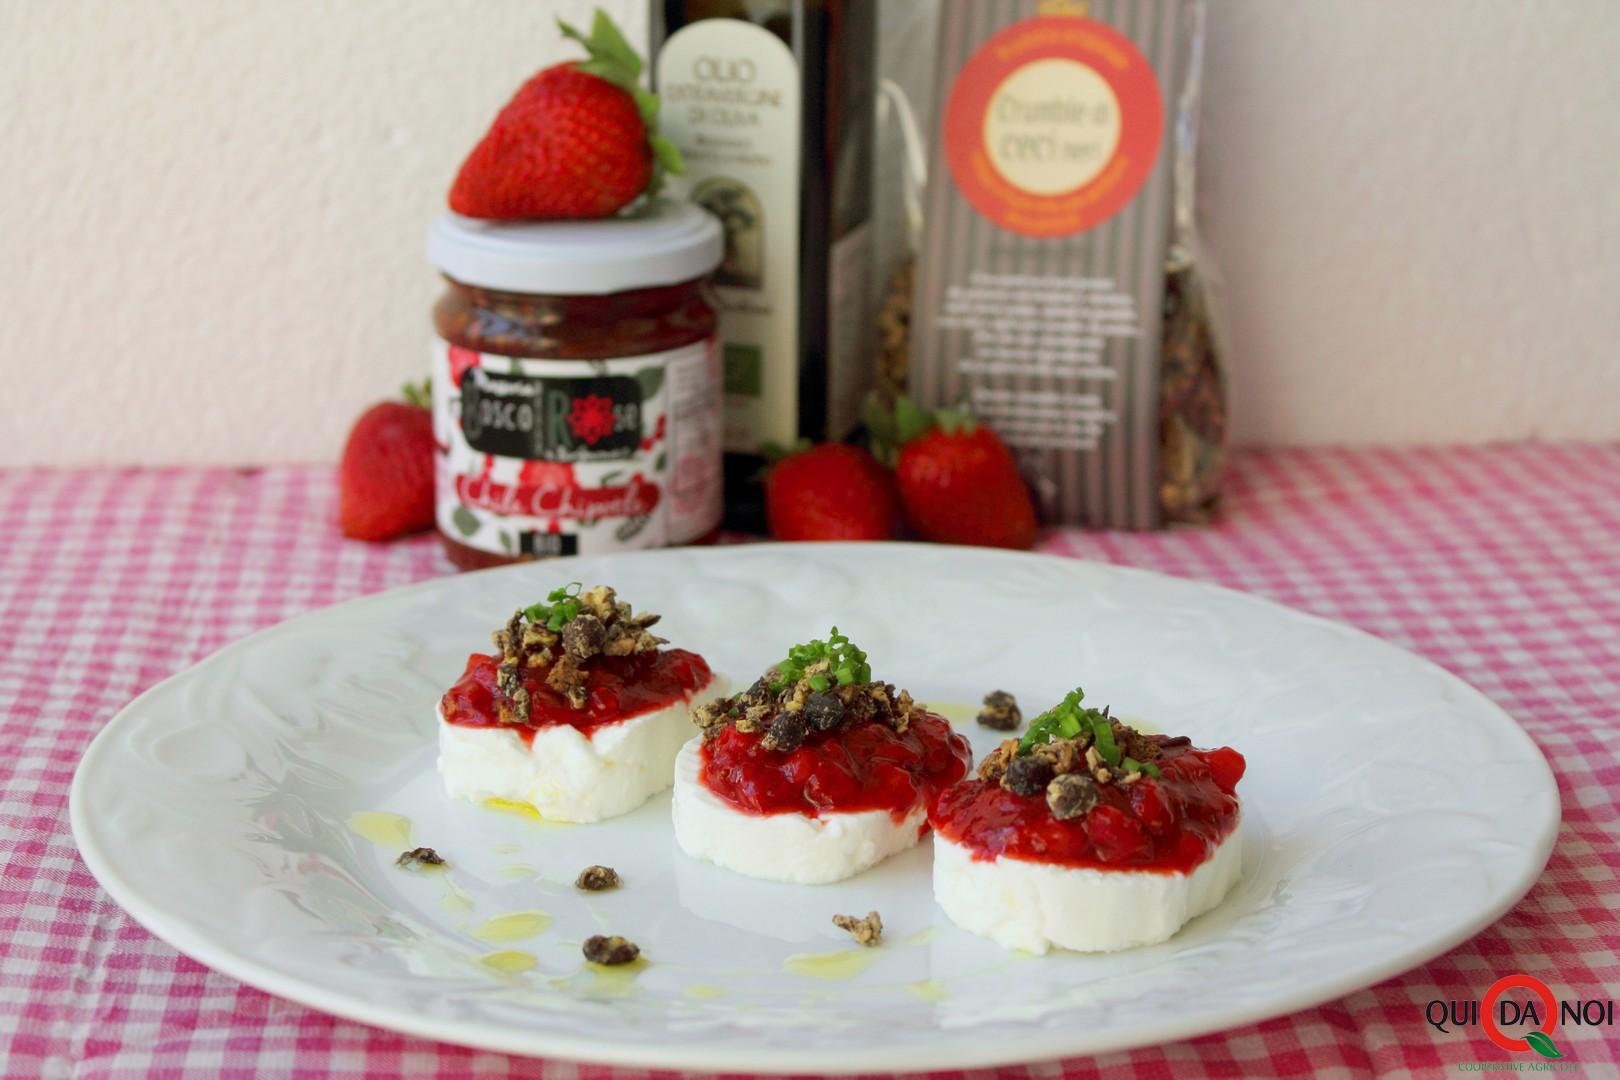 Tomini con salsa di fragole al chile chipotle e crumble di ceci neri_paola (2)